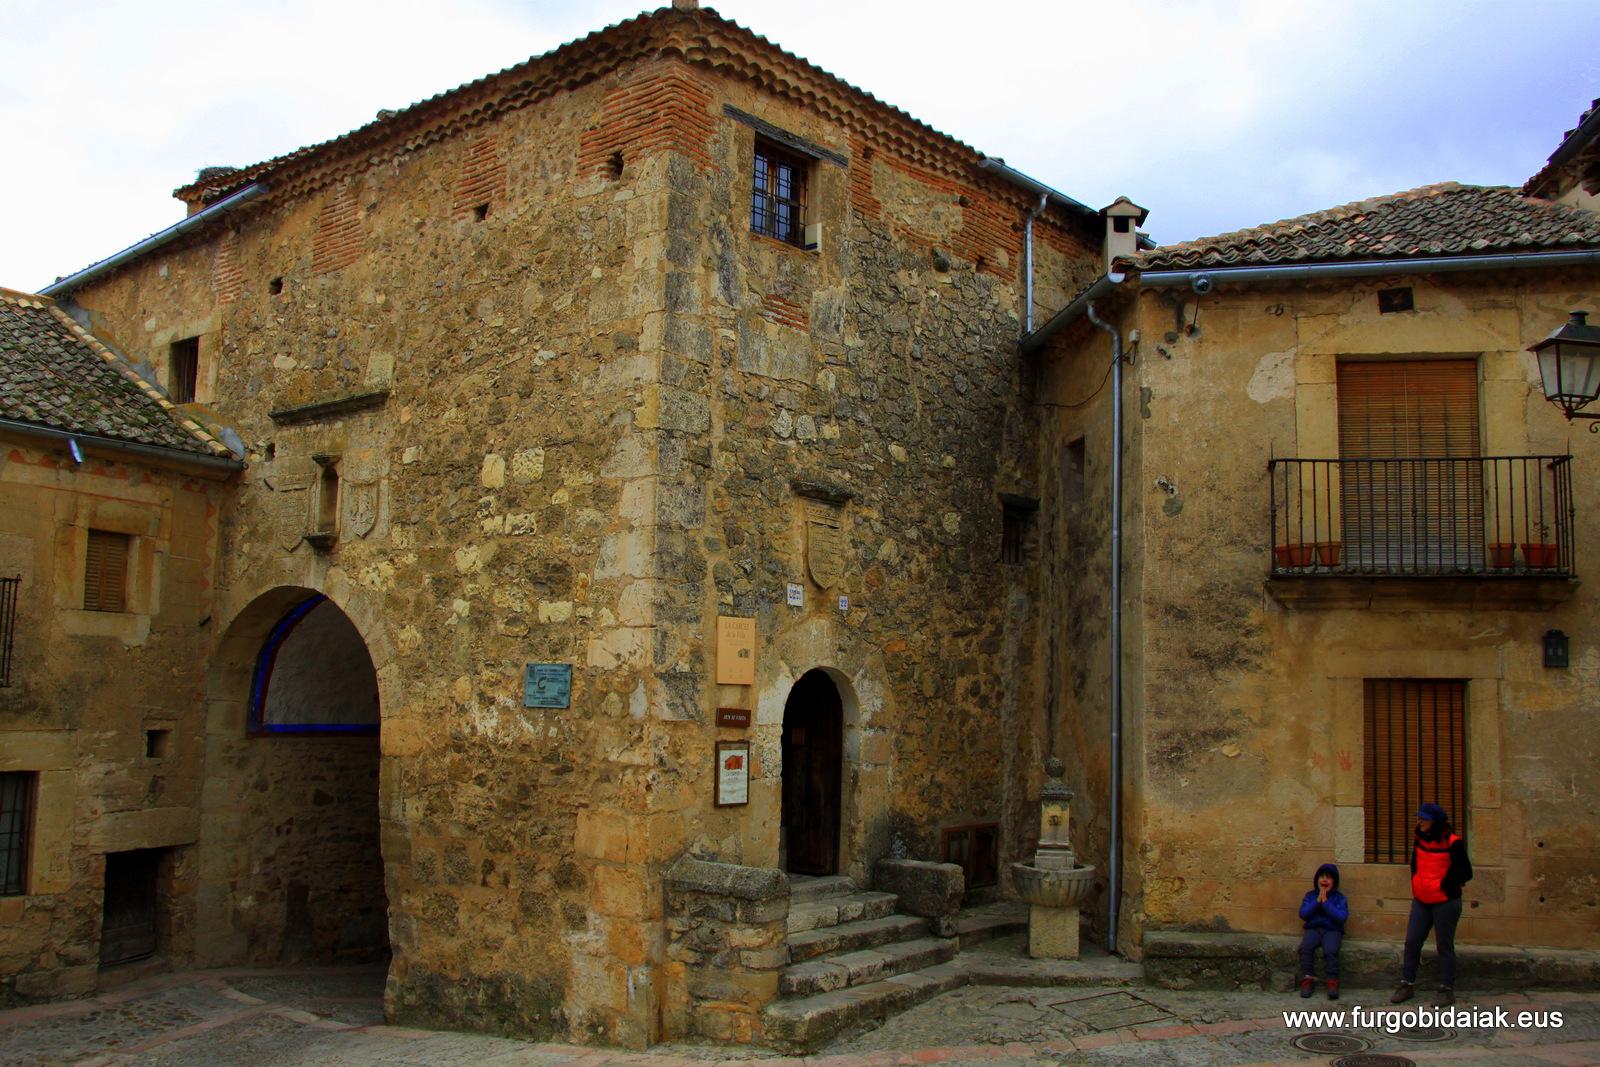 Cárcel medieval Pedraza